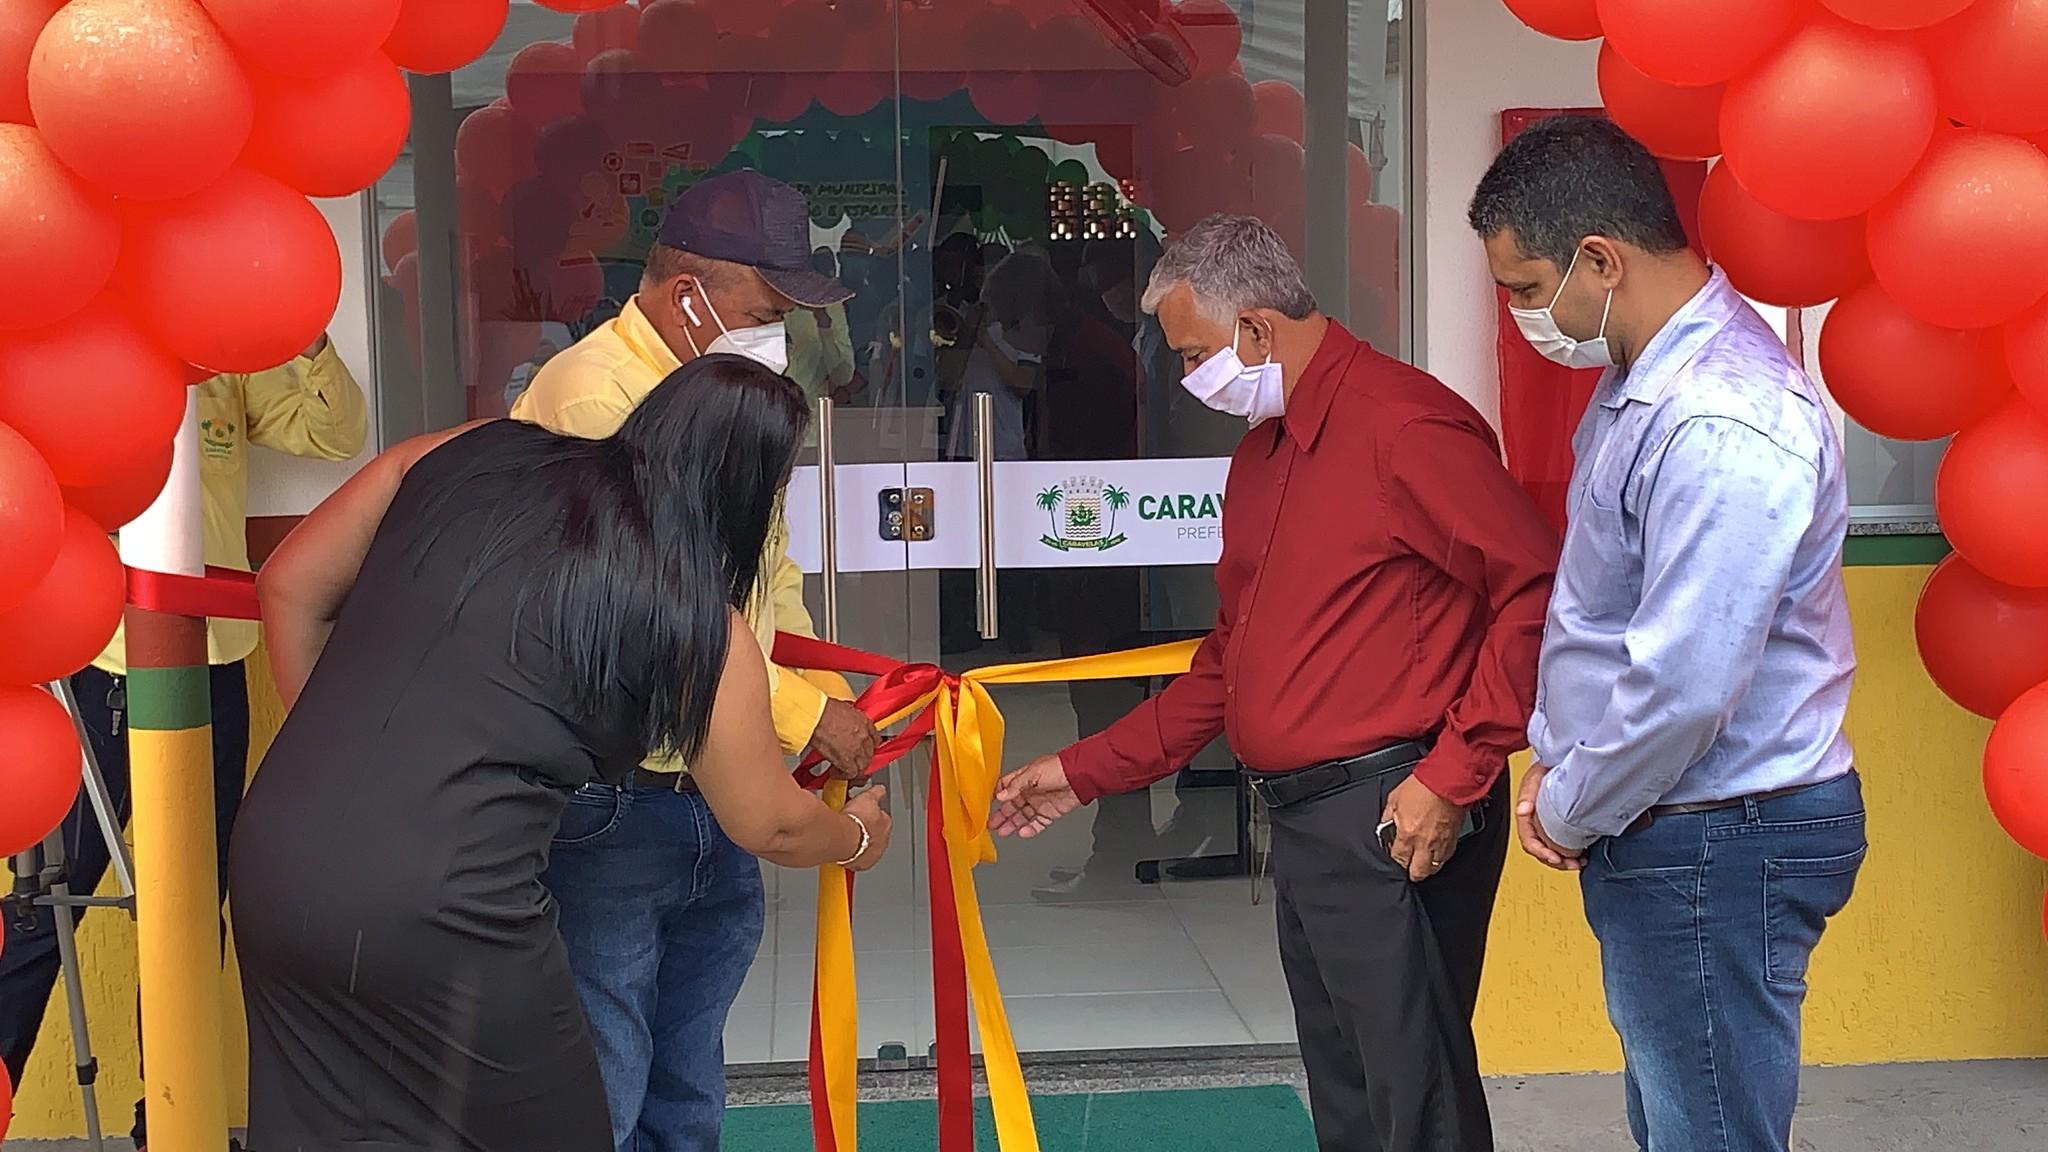 Descerramento da faixa inaugural das obras de reforma e revitalização da Secretaria de Educação de Caravelas ( (4)